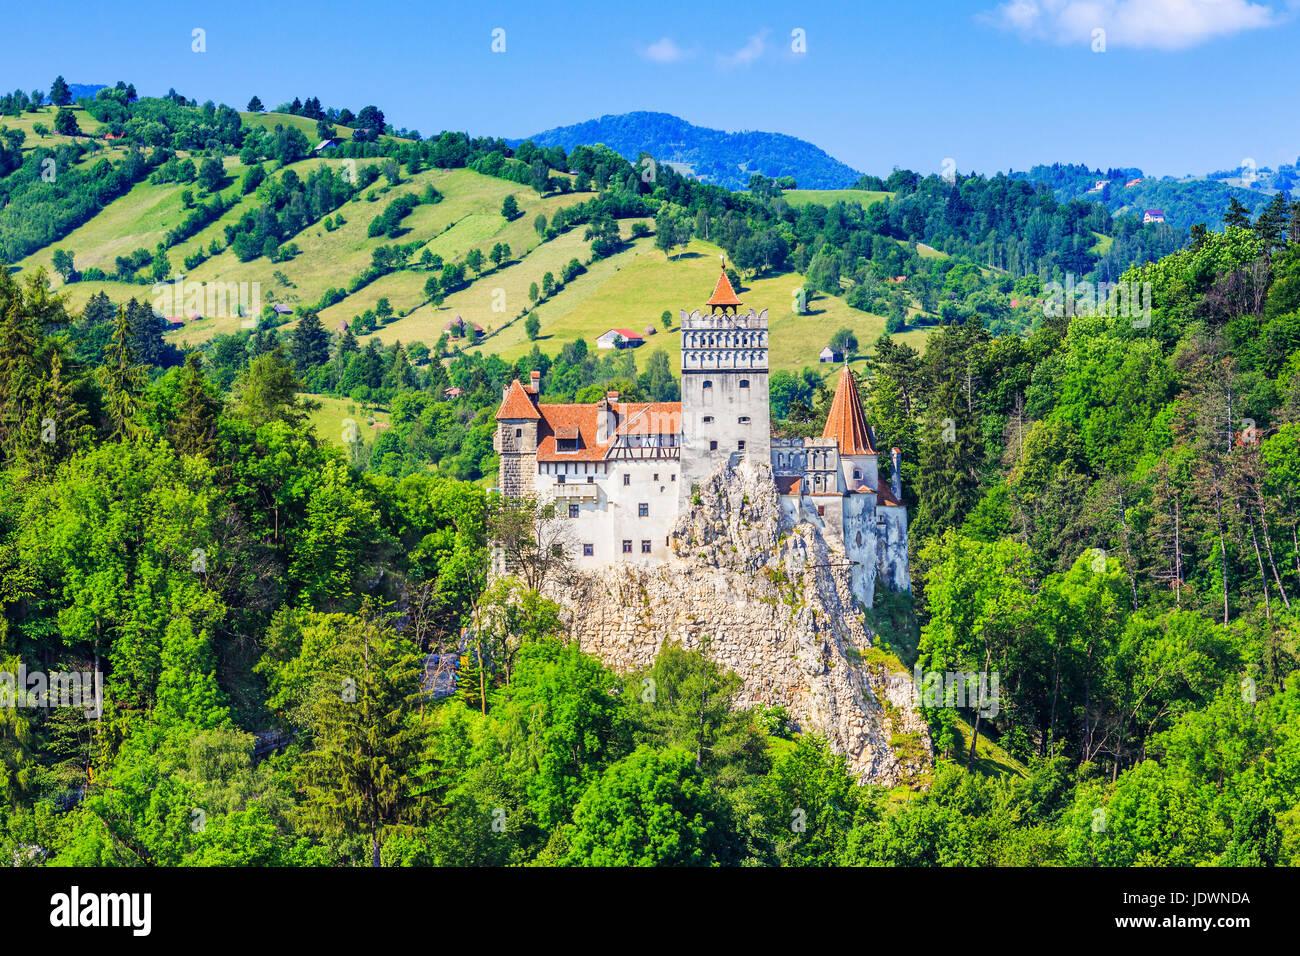 Brasov, Transylvania. Rumänien. Die mittelalterliche Burg Bran, bekannt für den Mythos von Dracula. Stockbild